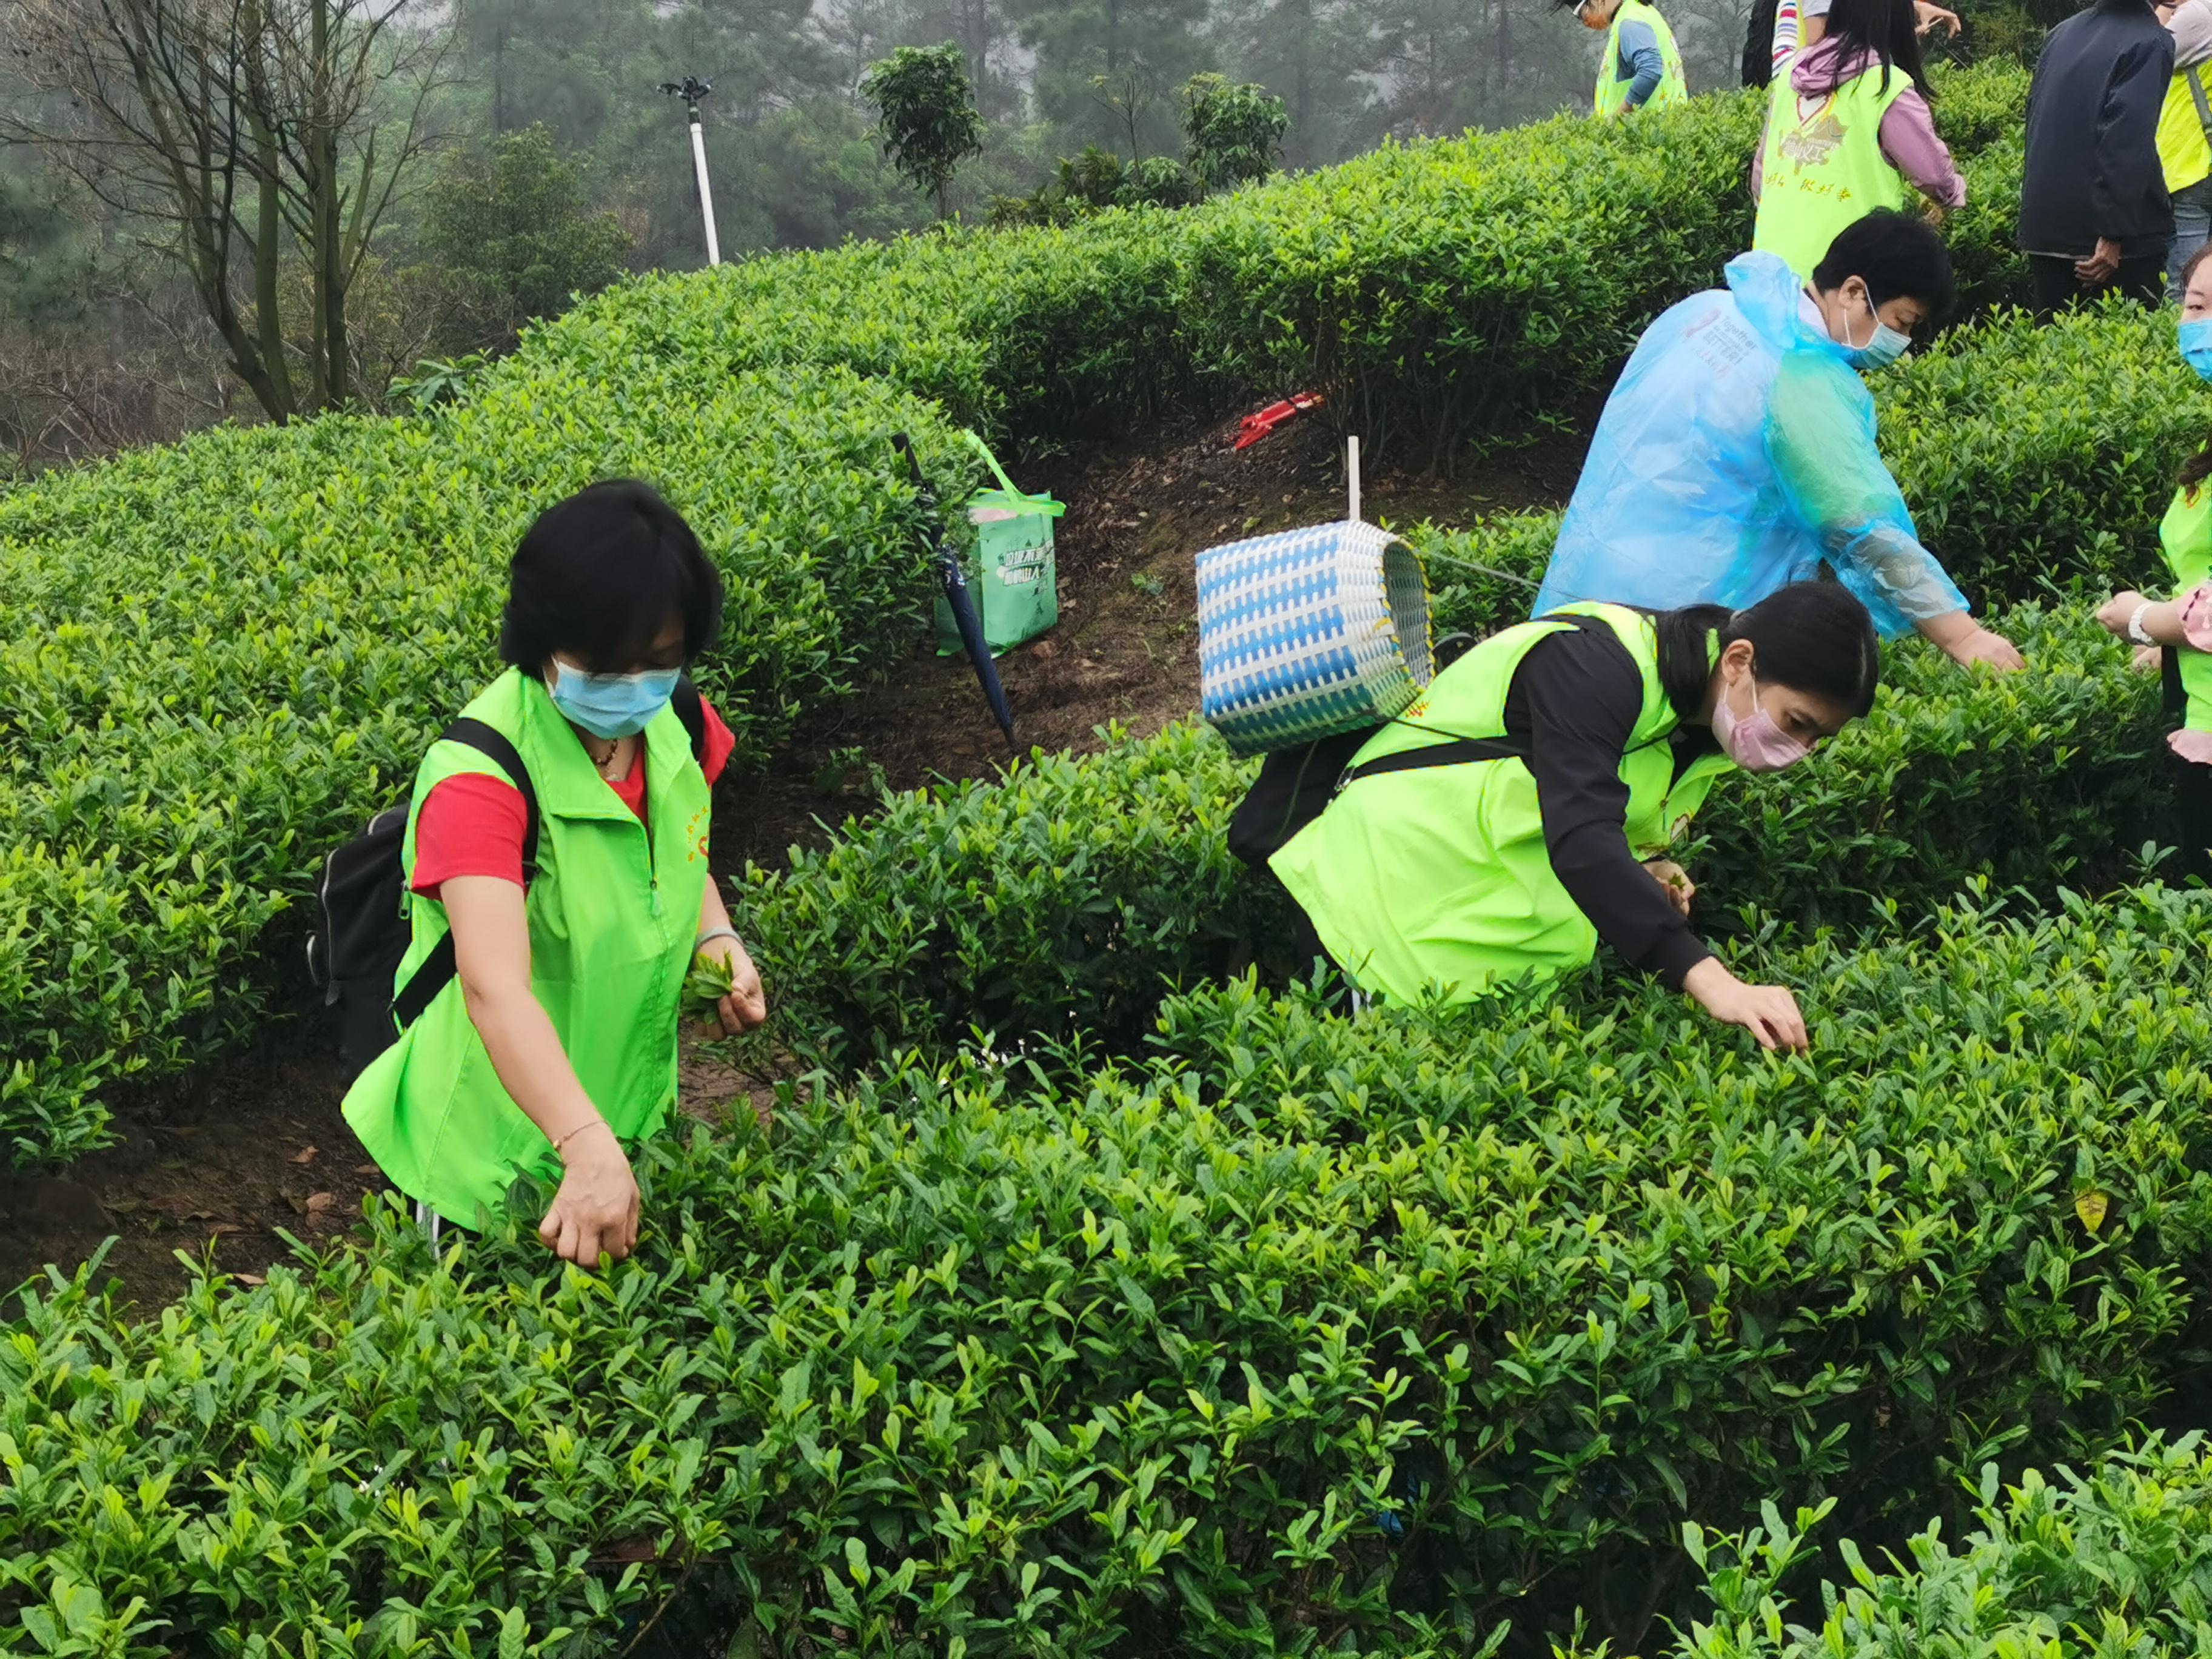 江门:50多名志愿者驰援茶园 助农采茶不误农时